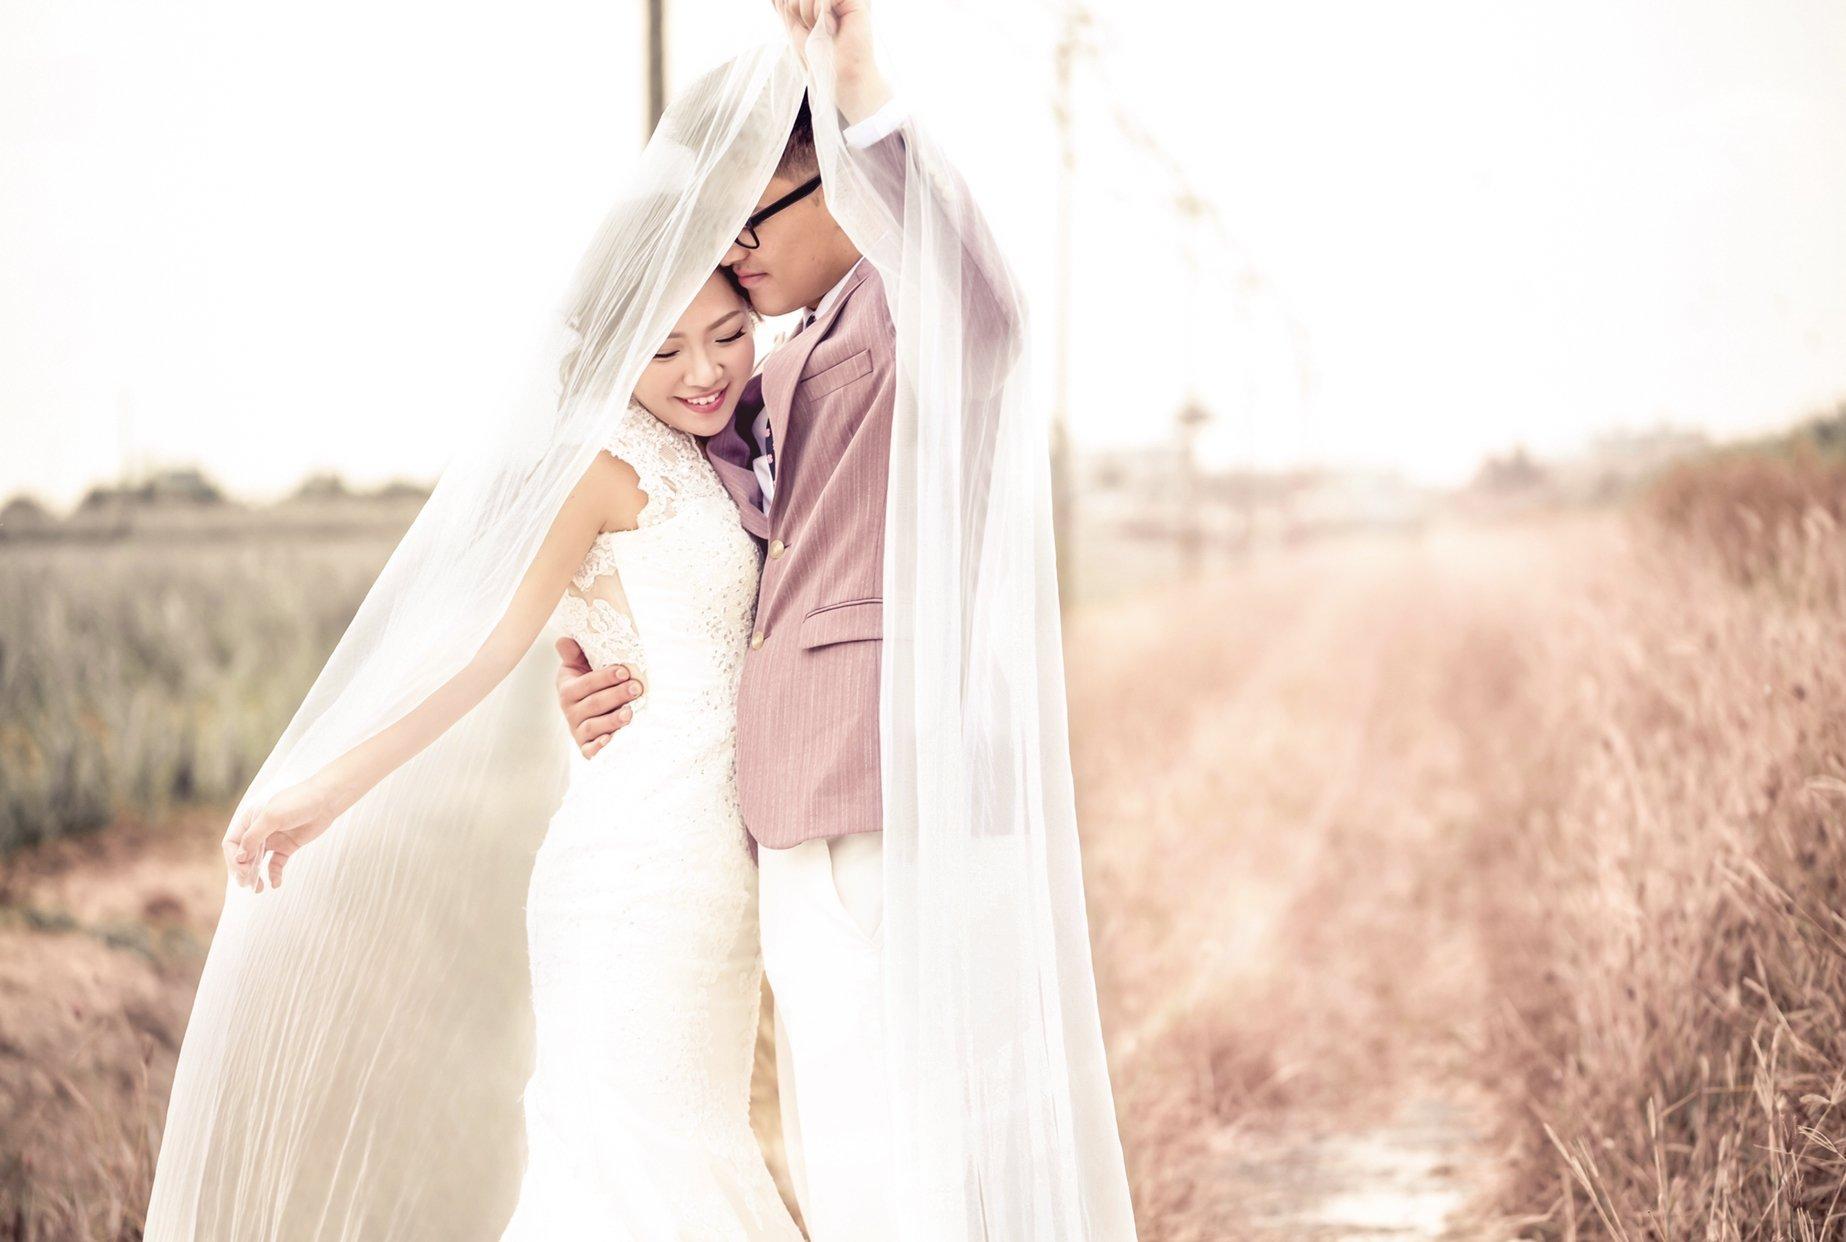 嘉義紐約紐約婚紗攝影-拍照心得分享3